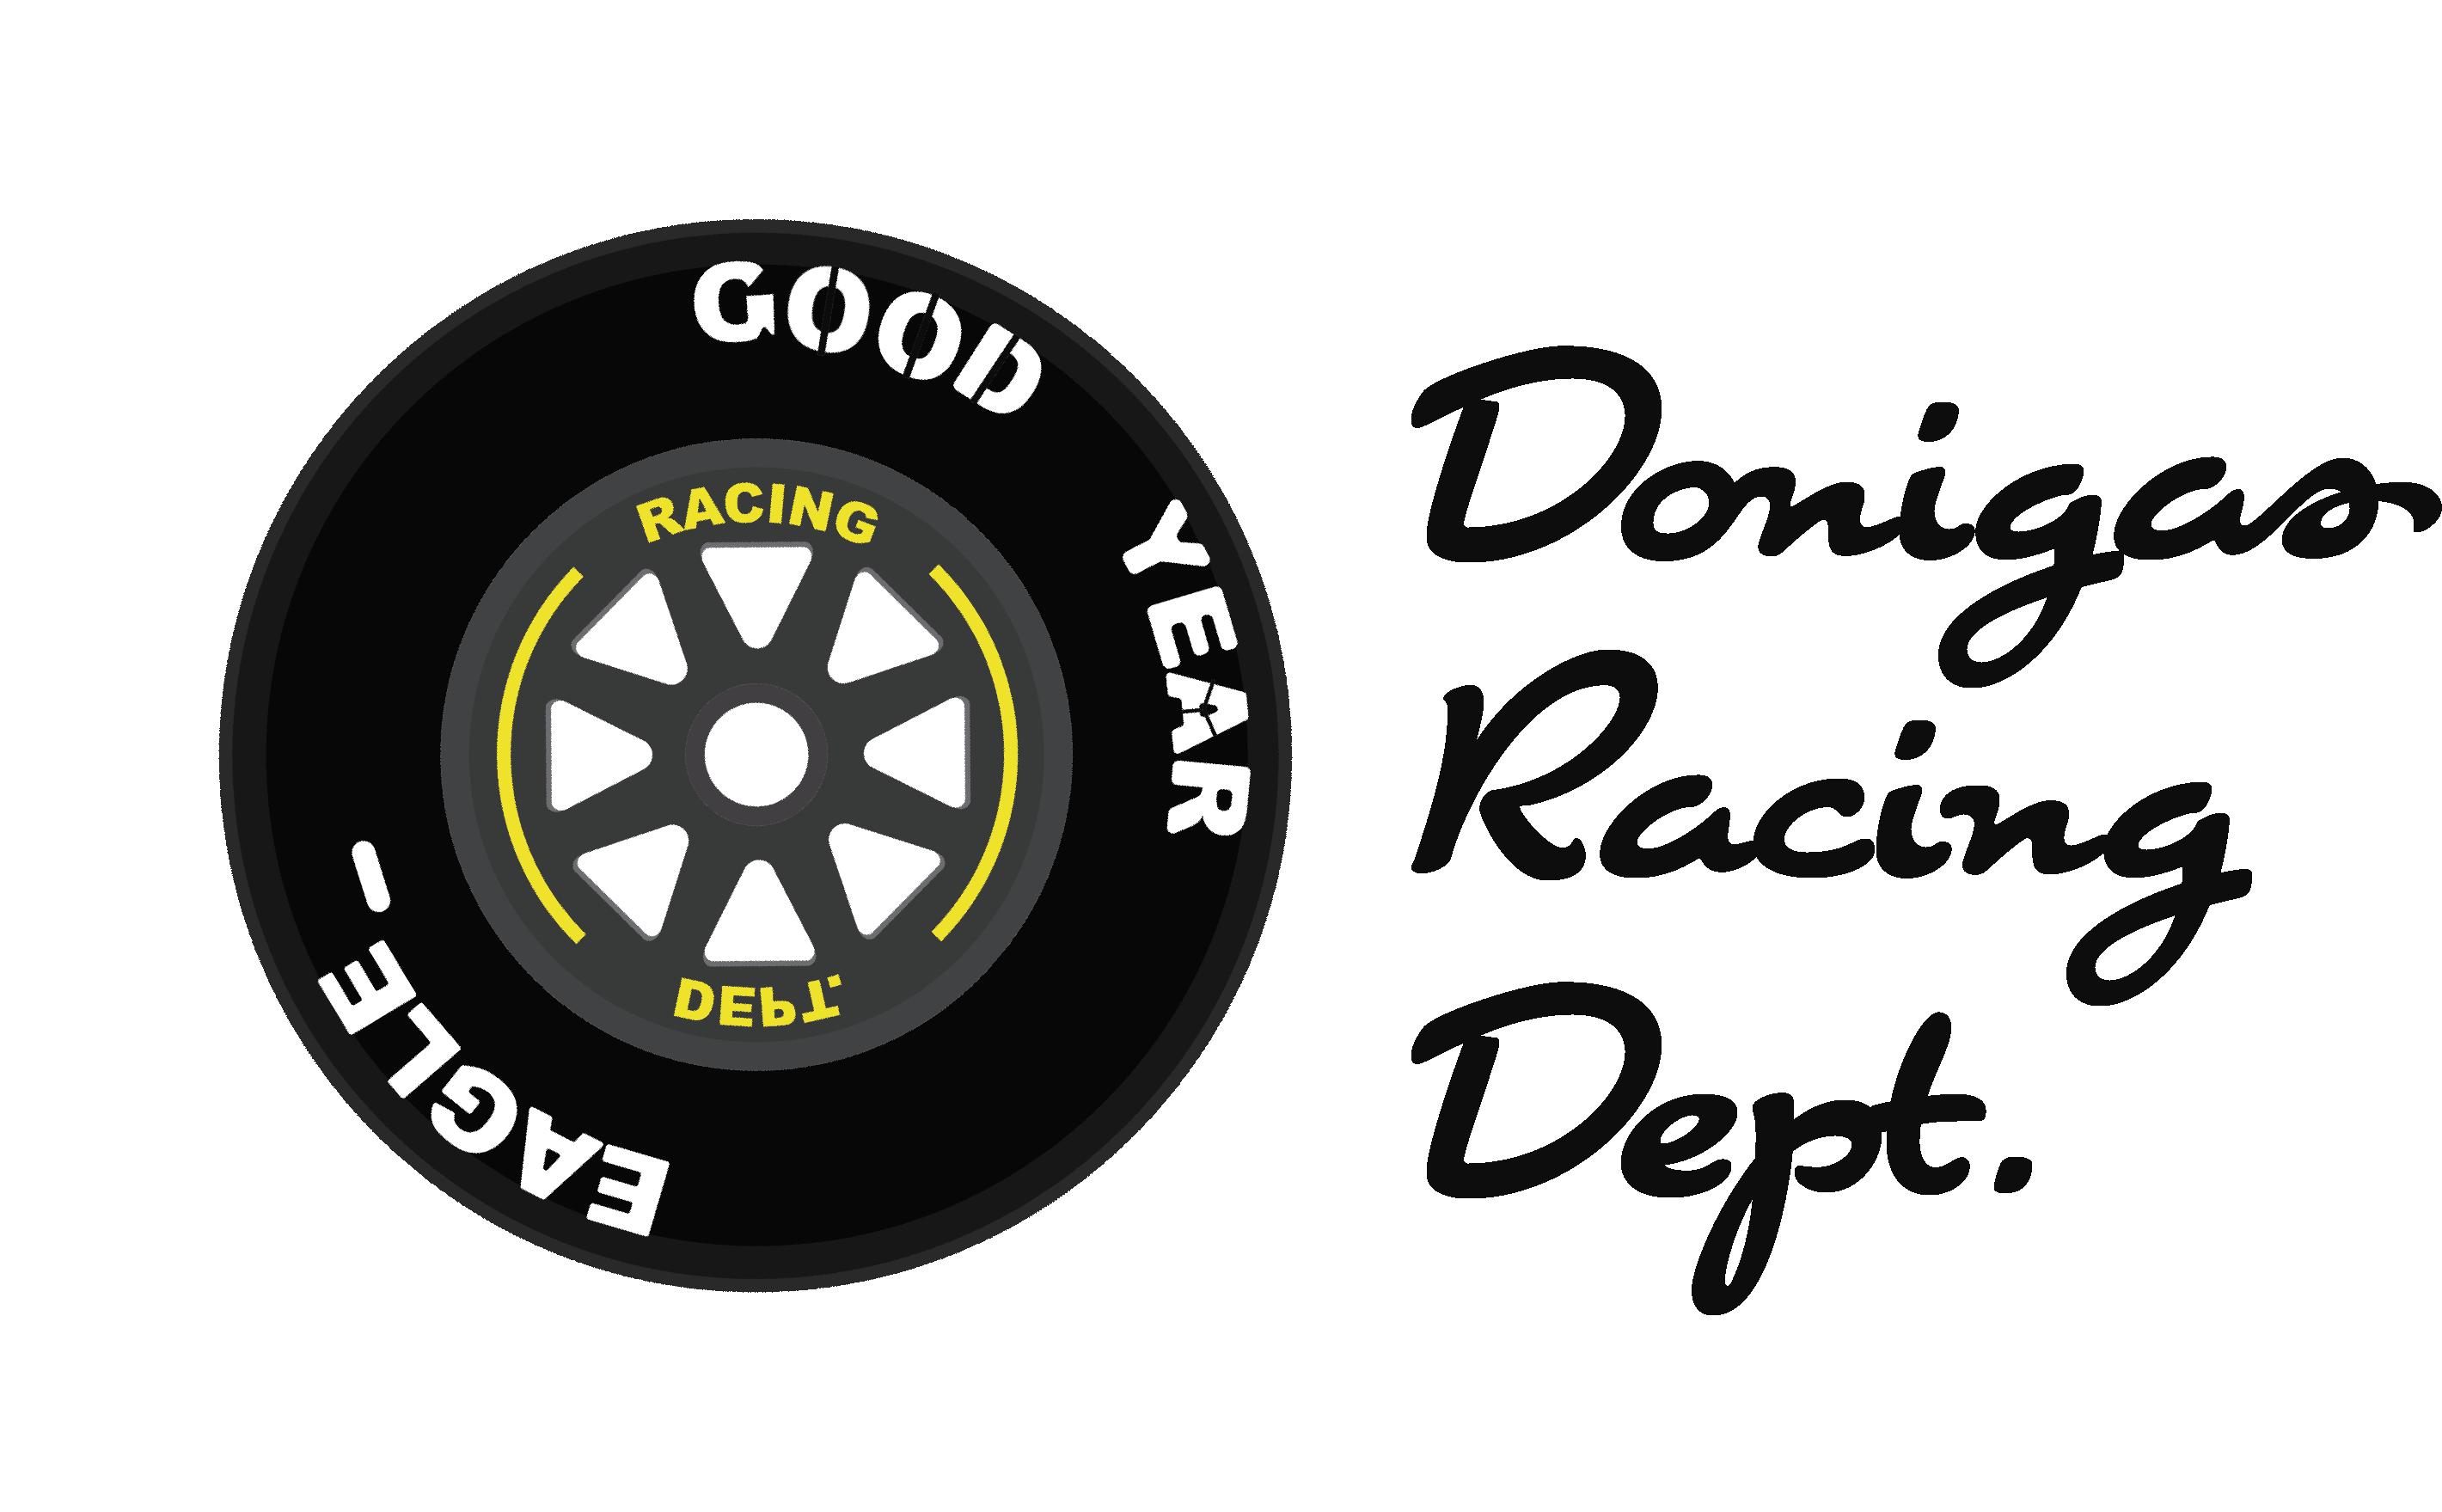 Donigas Racing Dept